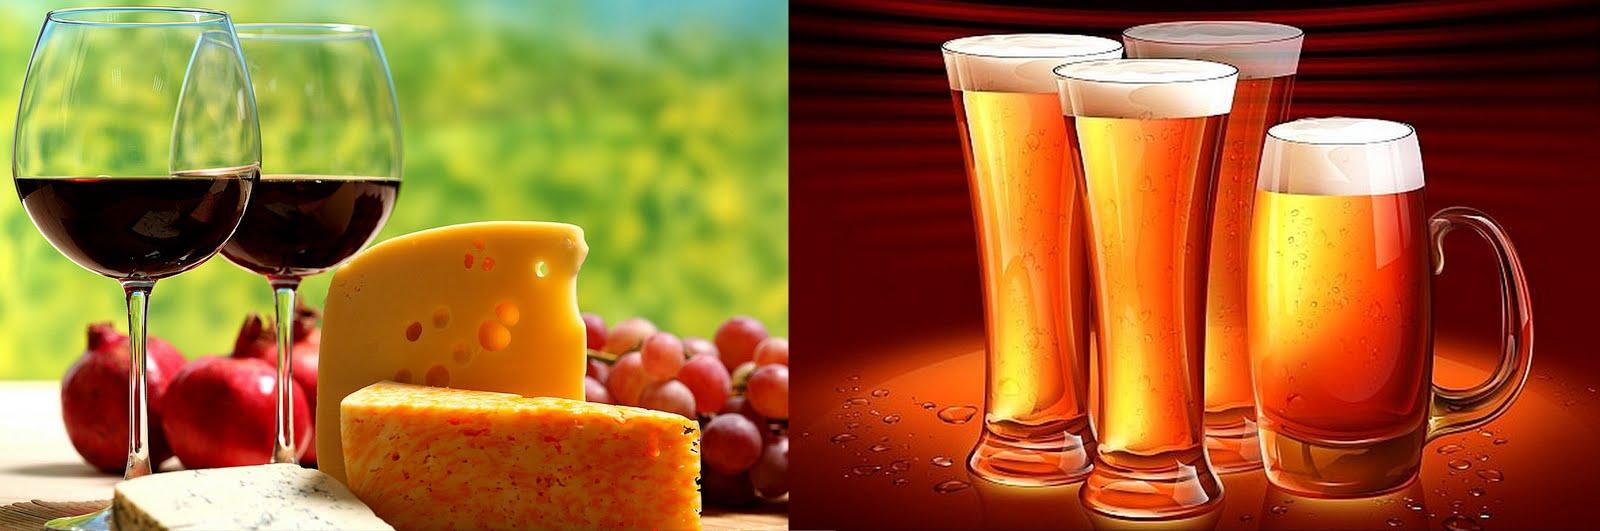 Vinos y cervezas